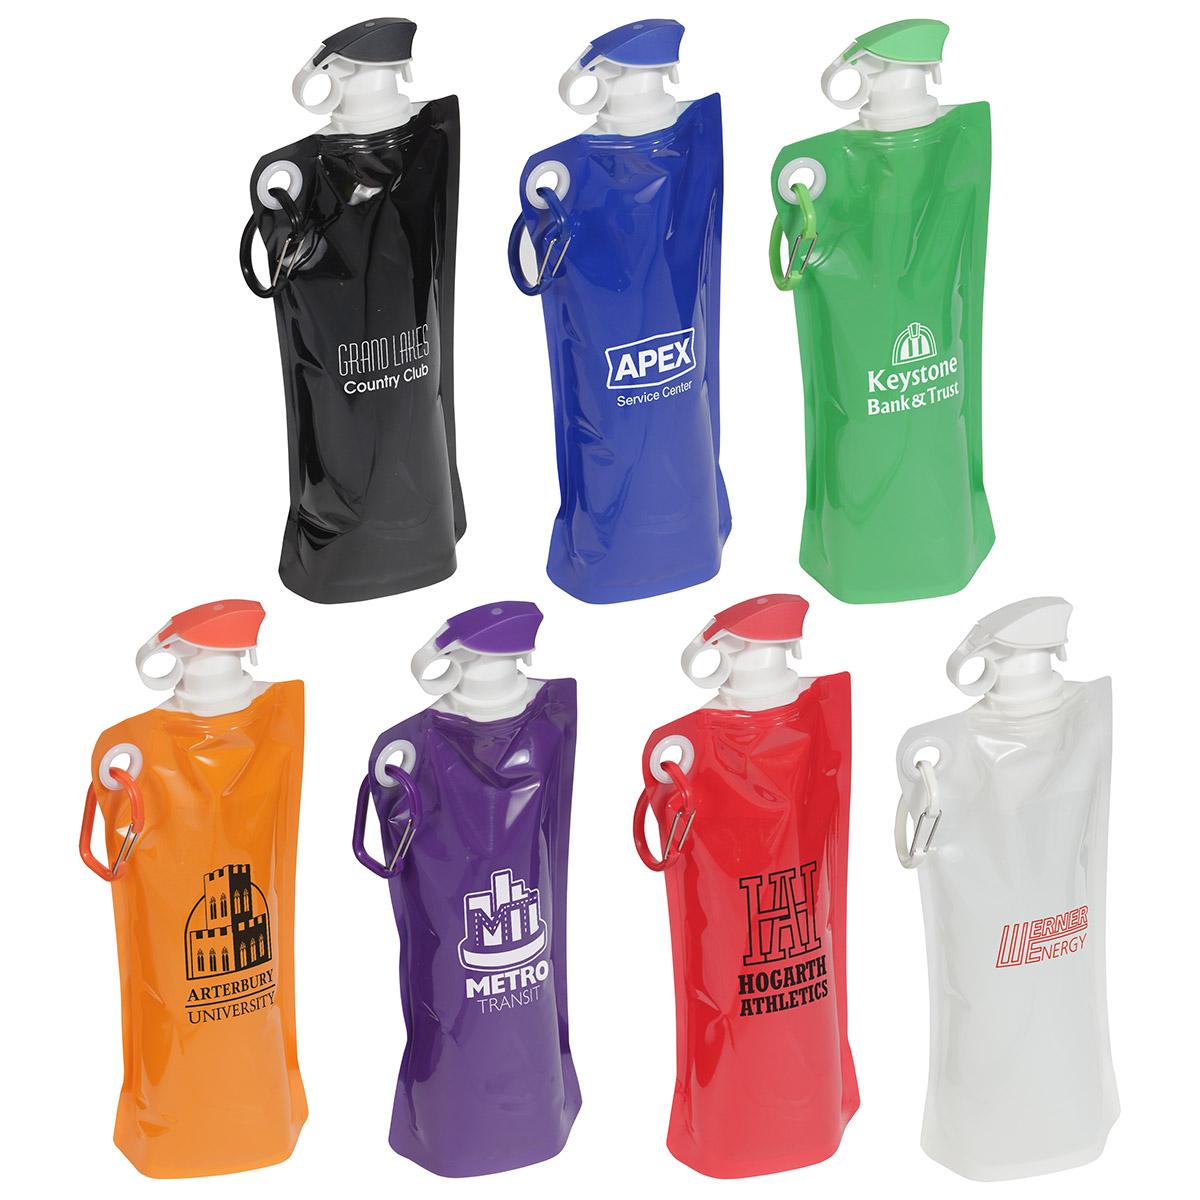 27oz Convenient Folding Water Bottle